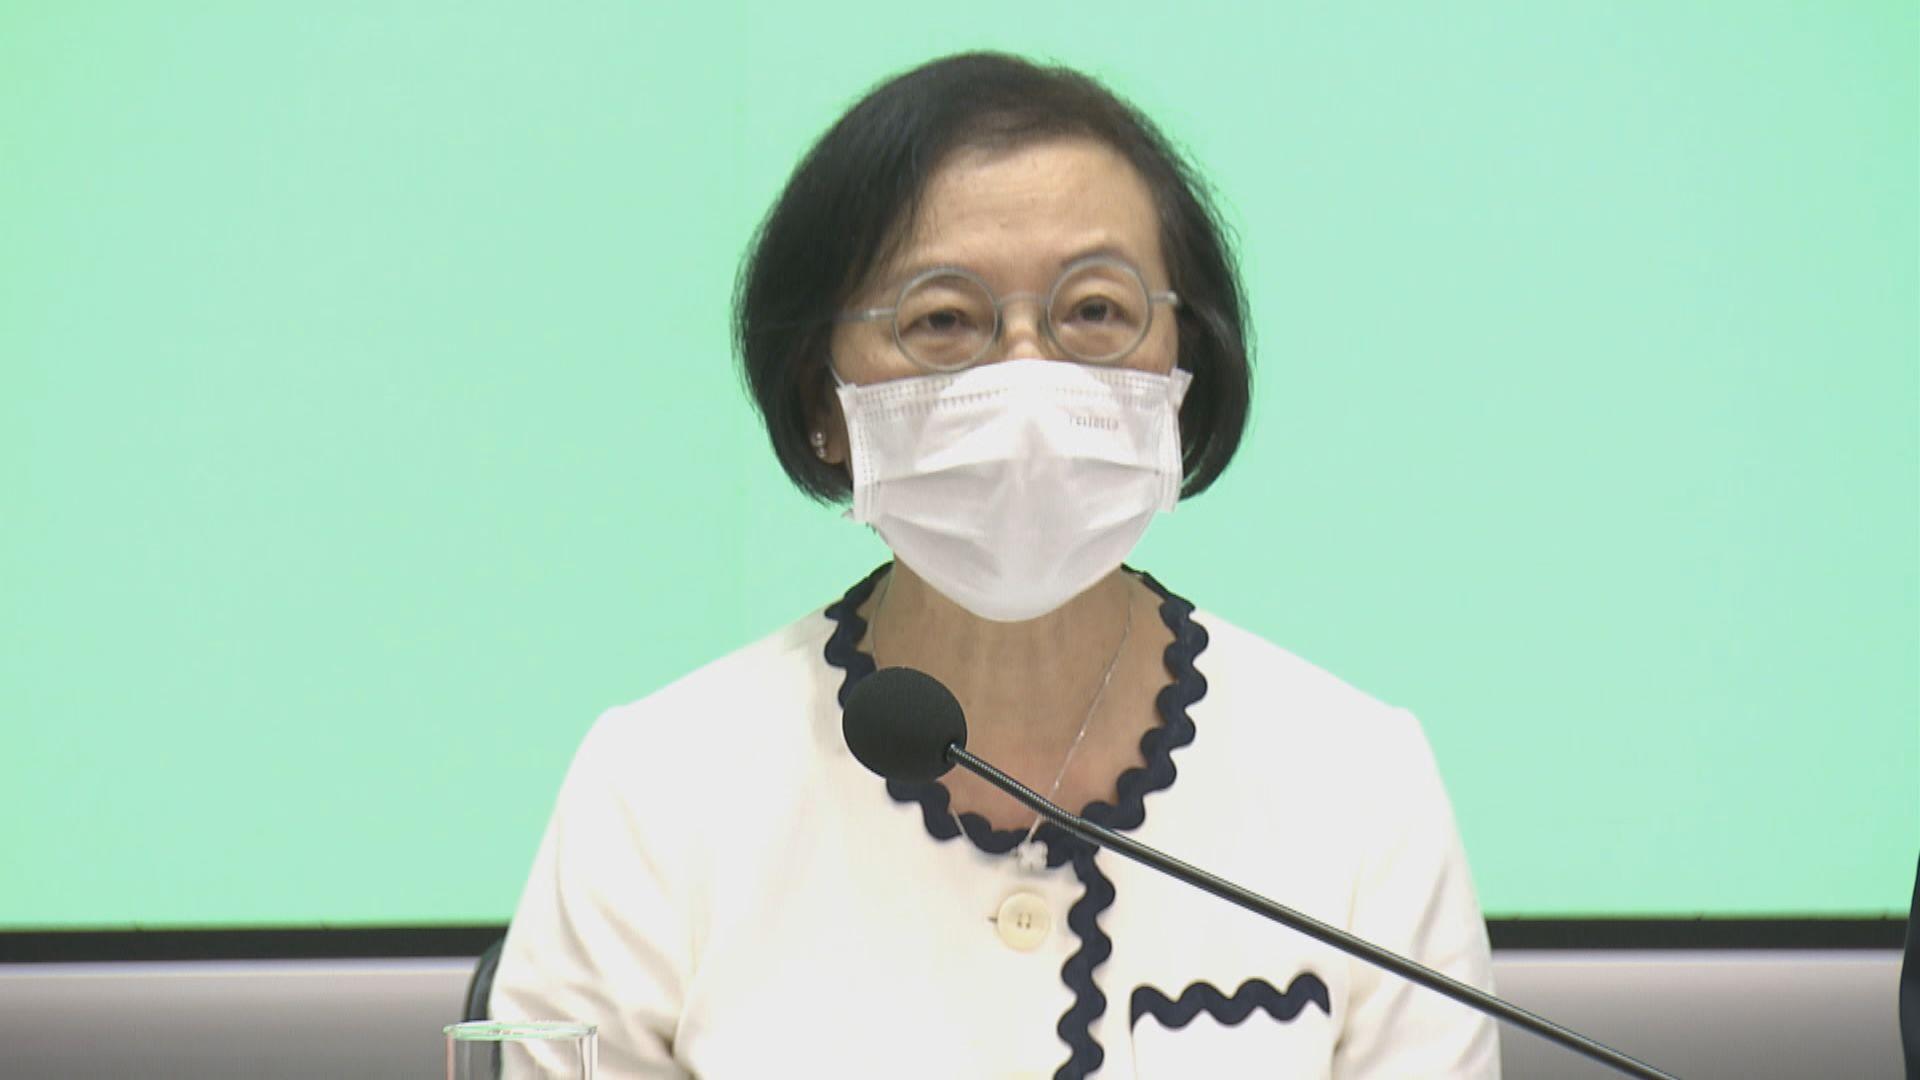 陳肇始:整體疫情有反彈迹象 會評估各項防疫措施